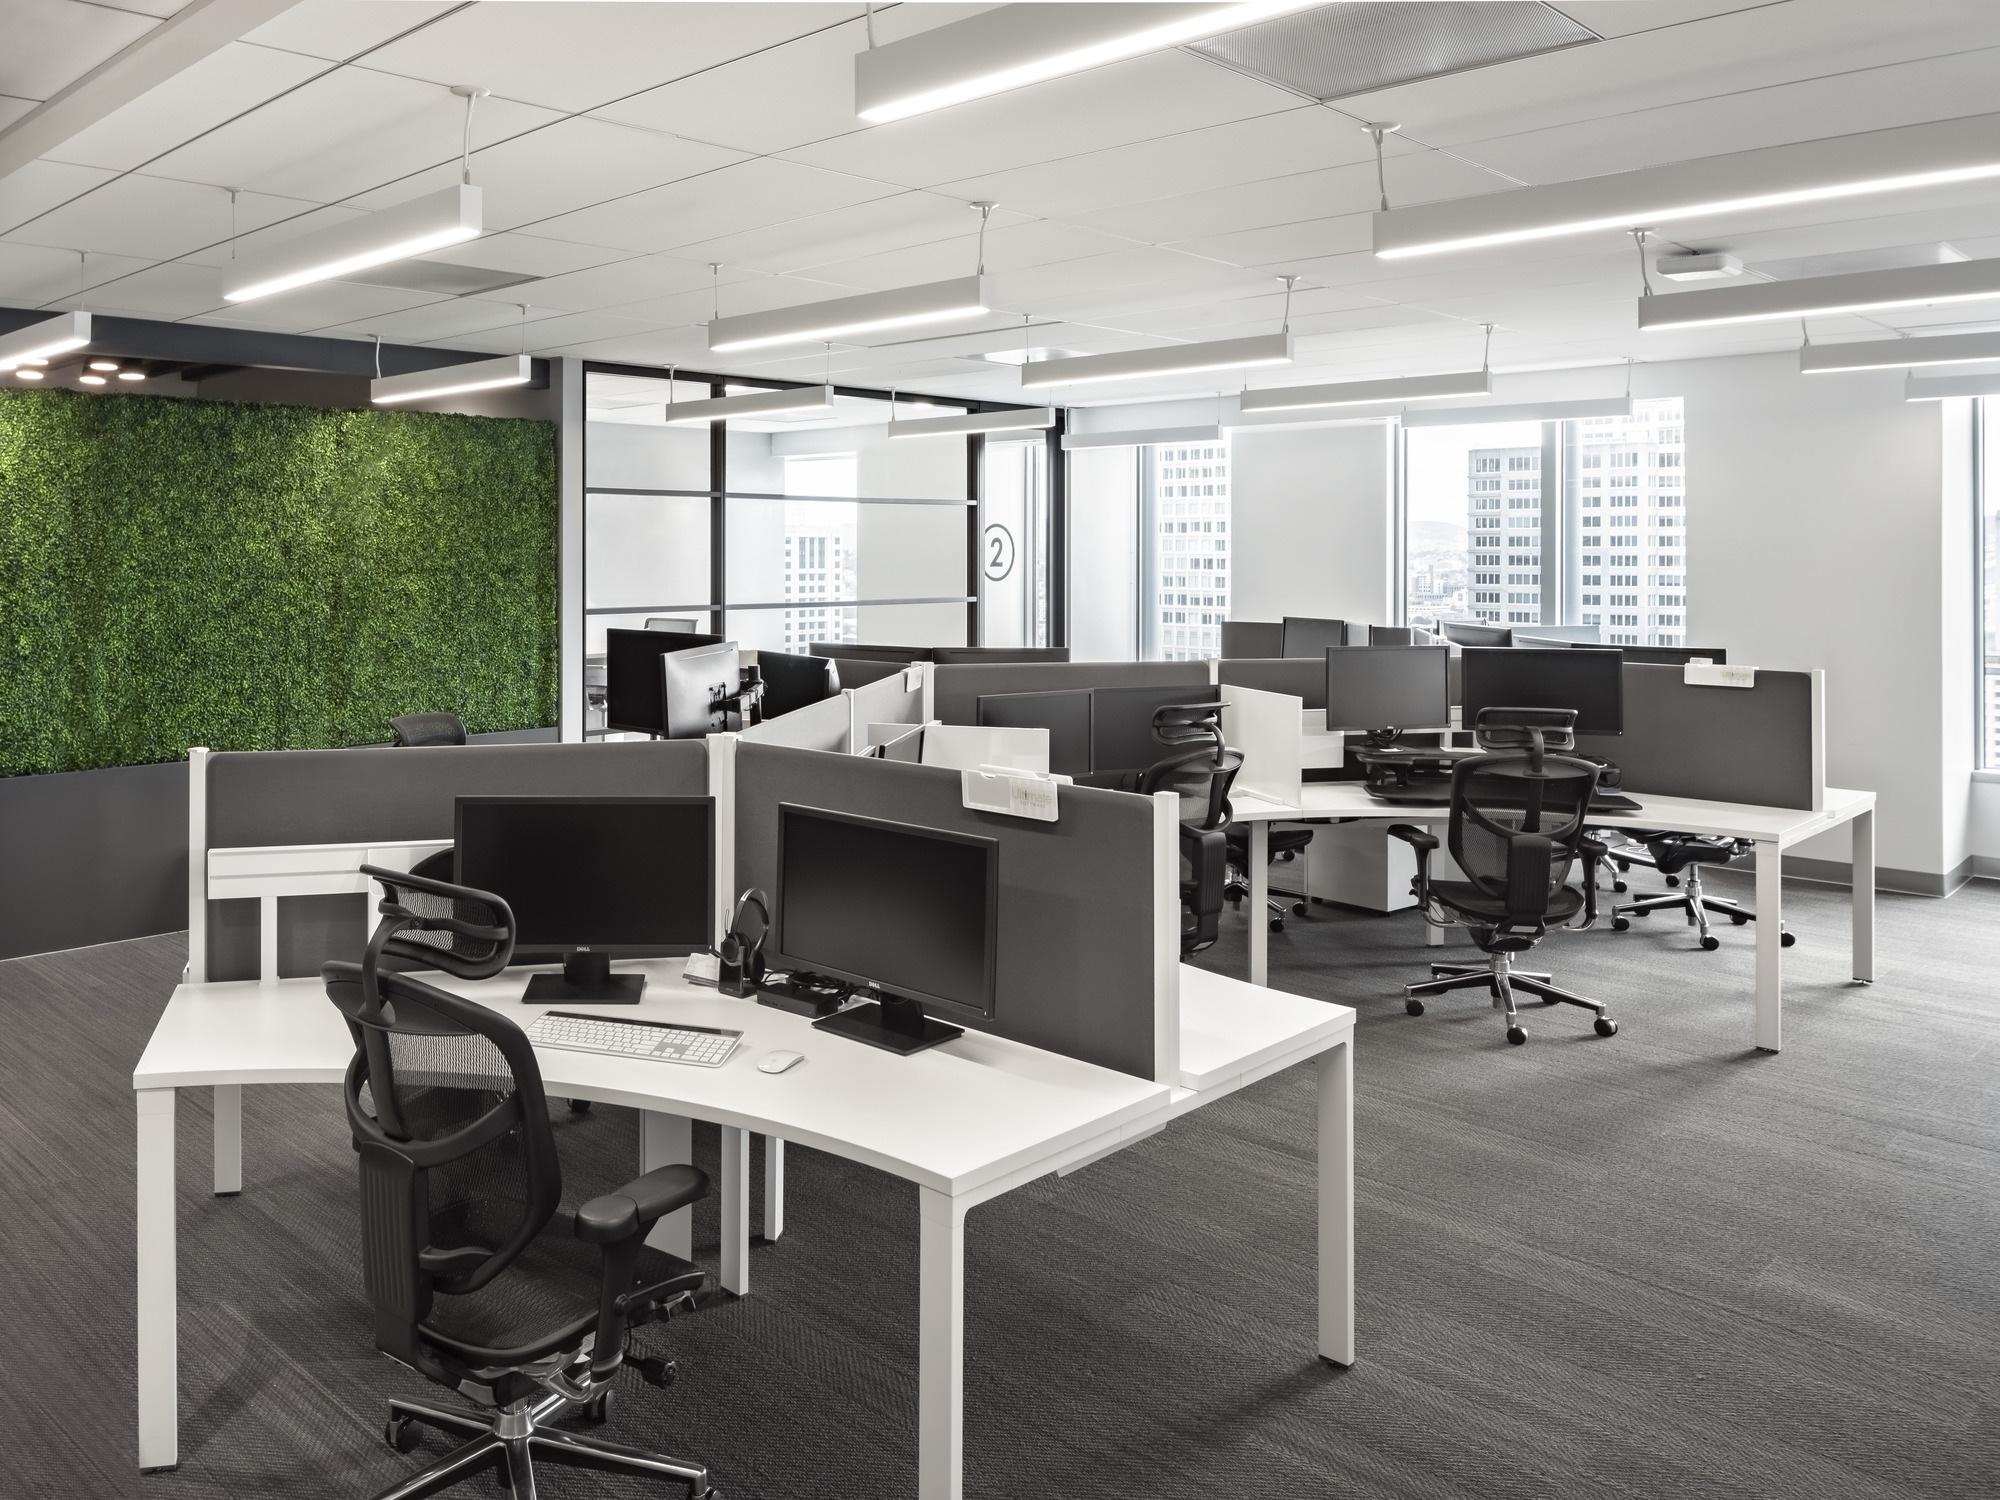 装修设计办公室 - 2.jpg